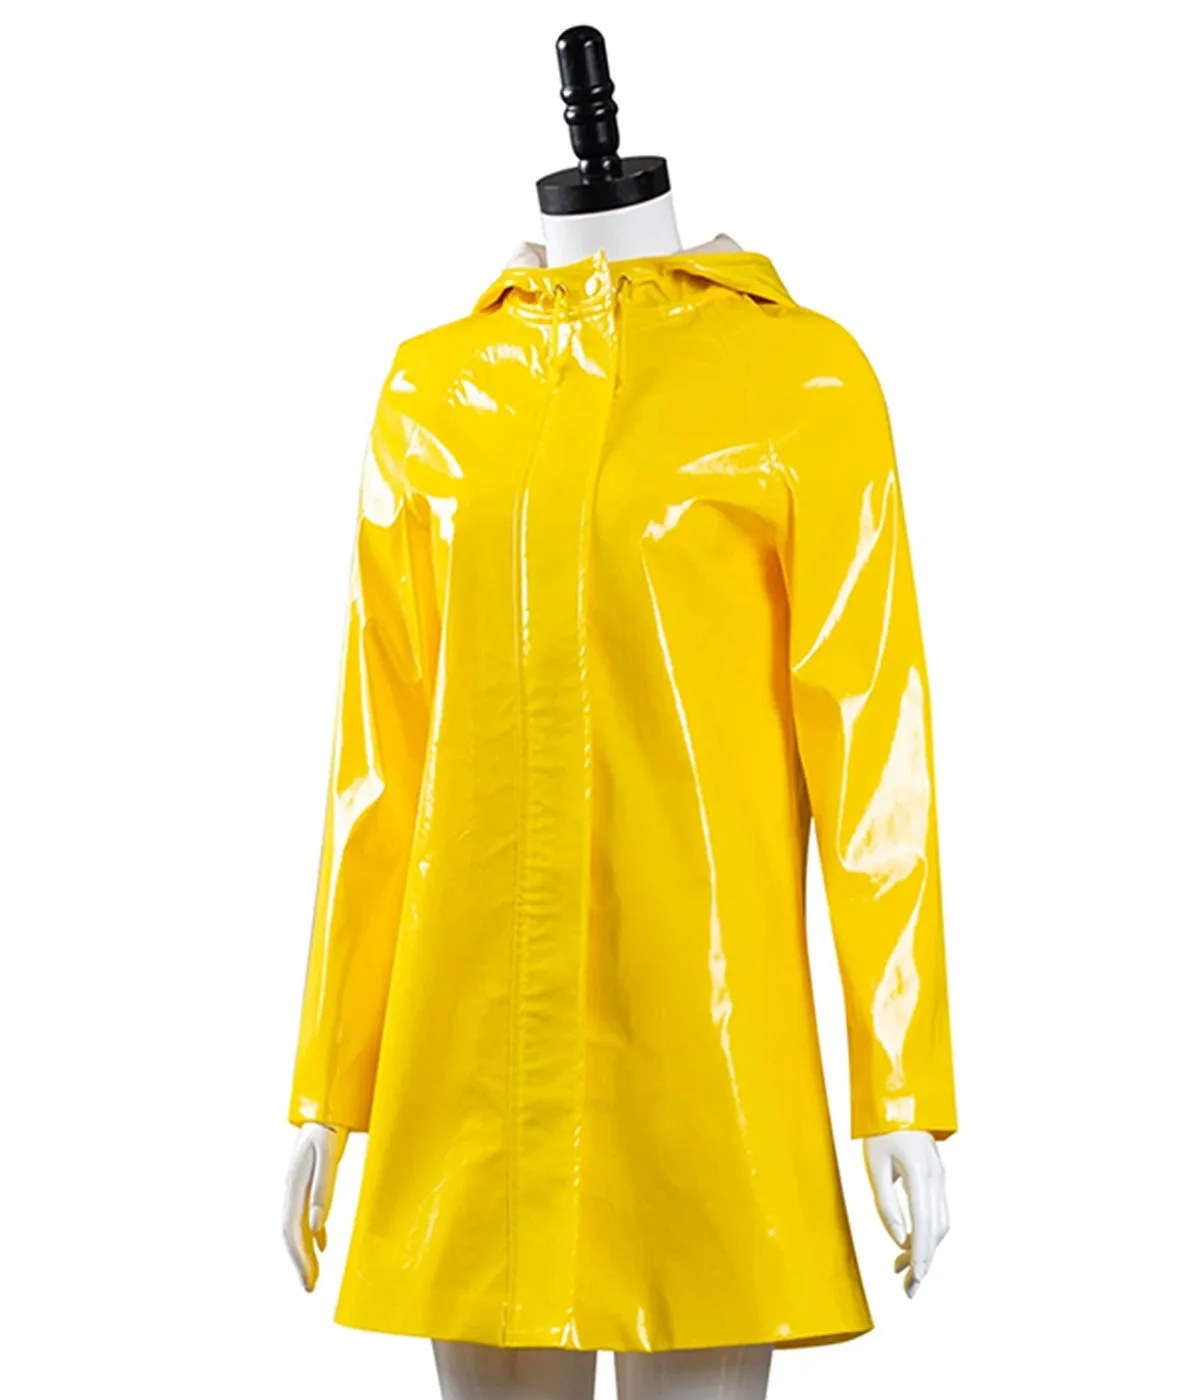 coraline-hood-jones-yellow-coat